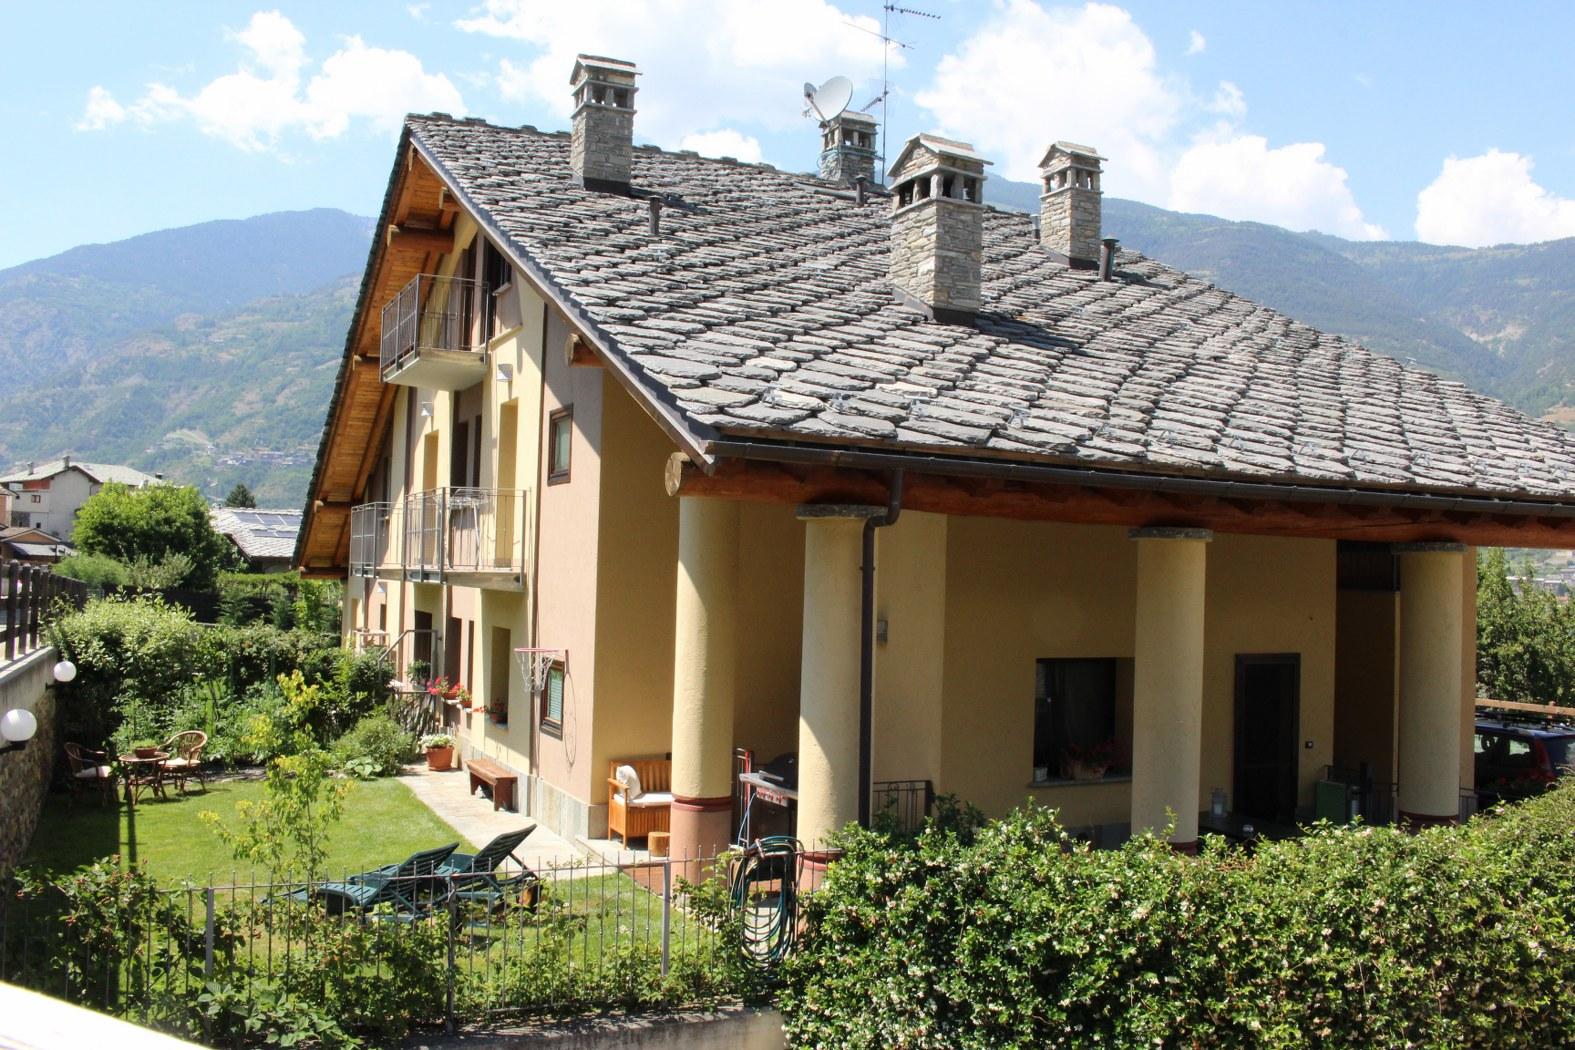 Villa in vendita a Gressan, 4 locali, prezzo € 259.000 | Cambio Casa.it